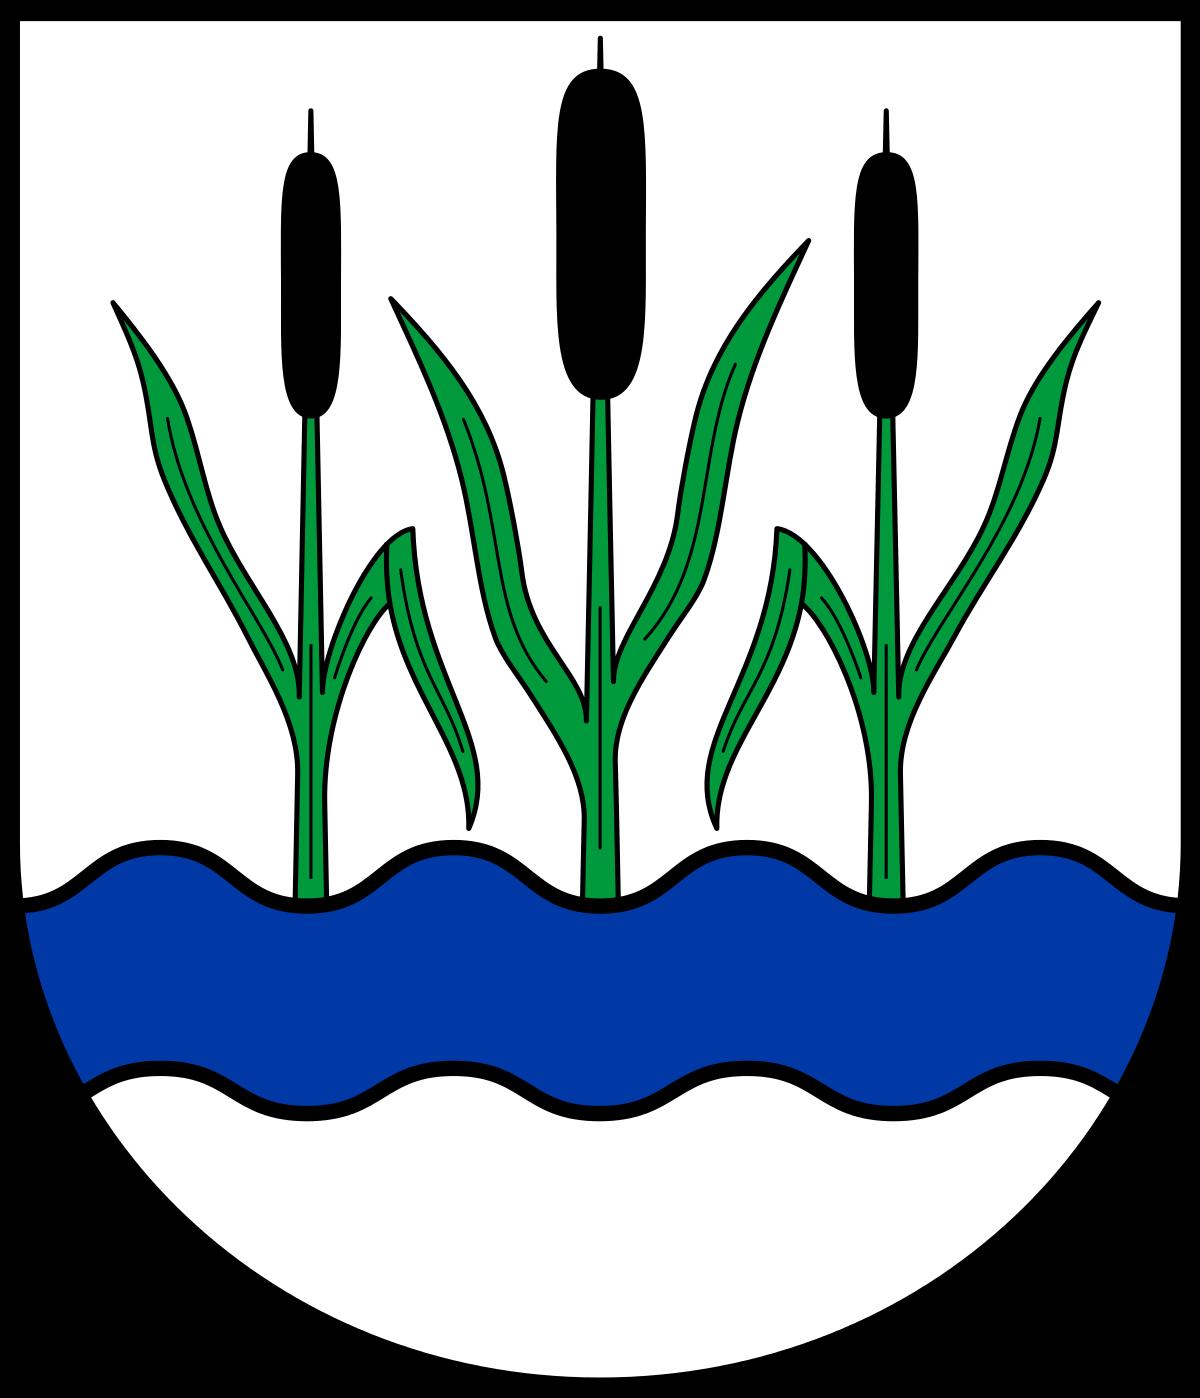 Rohrbach (Sinsheim).